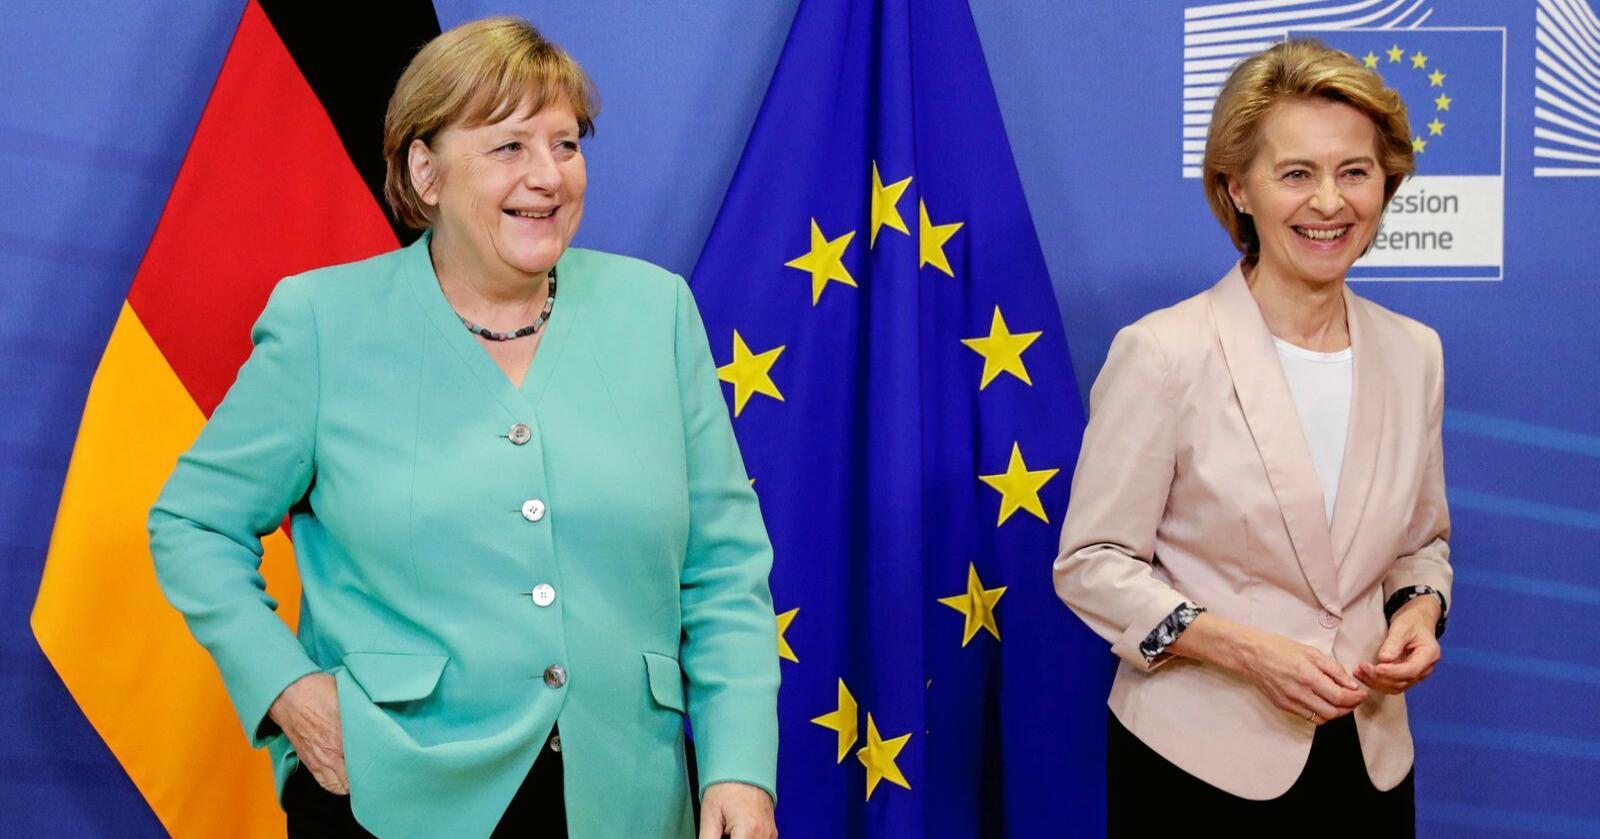 Europas mektigaste: Europeiske arbeidstakarar har all grunn til å vere spent på om van der Leyen og Merkel også vil sjå på EUs arbeids- og sosialpolitikk. Foto: Stephanie Lecocq / Pool Photo / AP / NTB scanpix